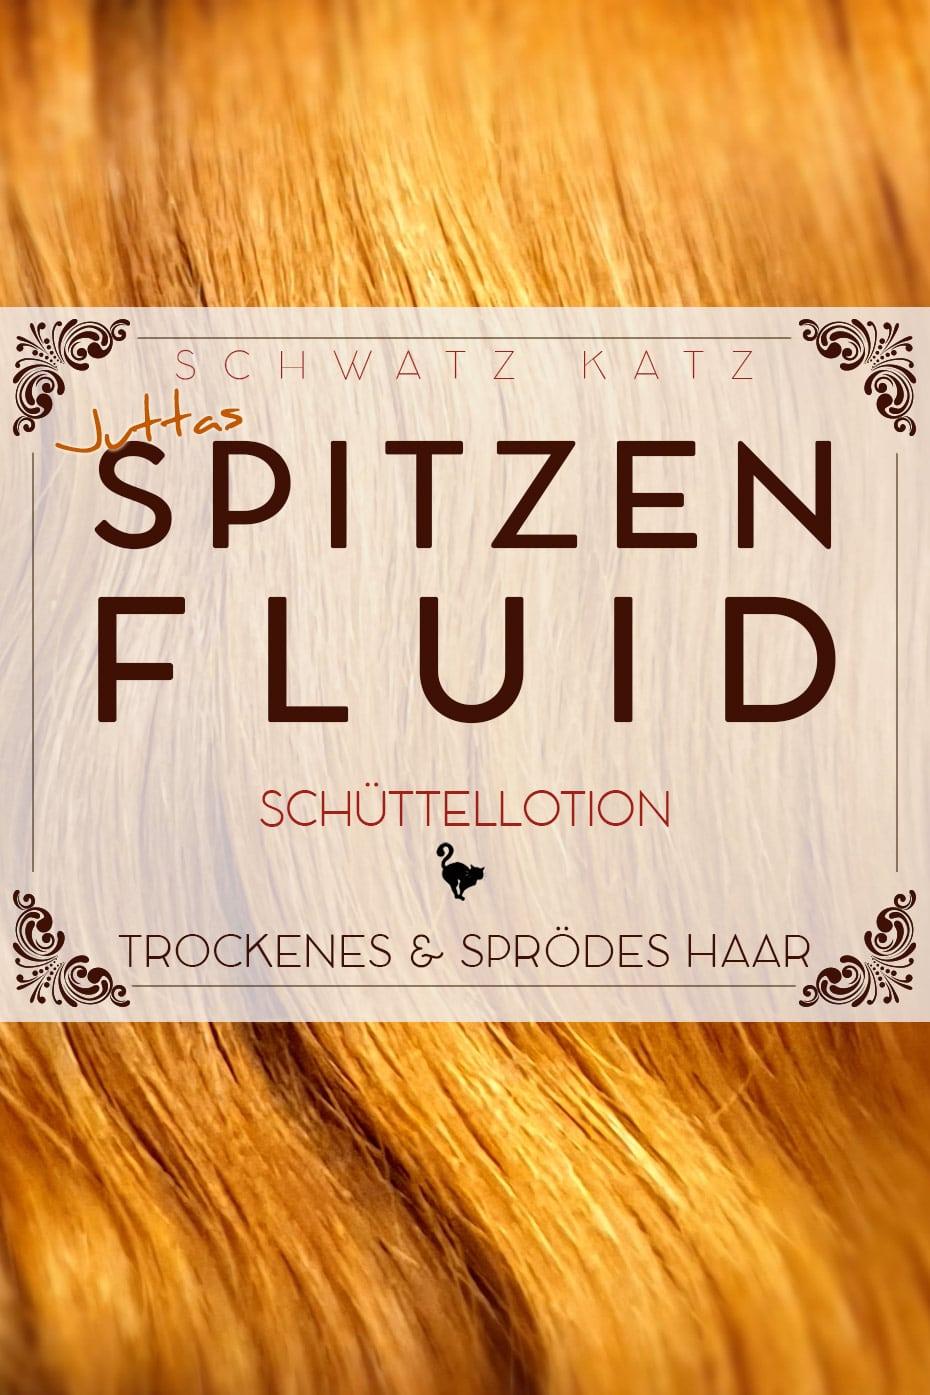 Haarspitzenfluid für trockenes Haar | Schwatz Katz